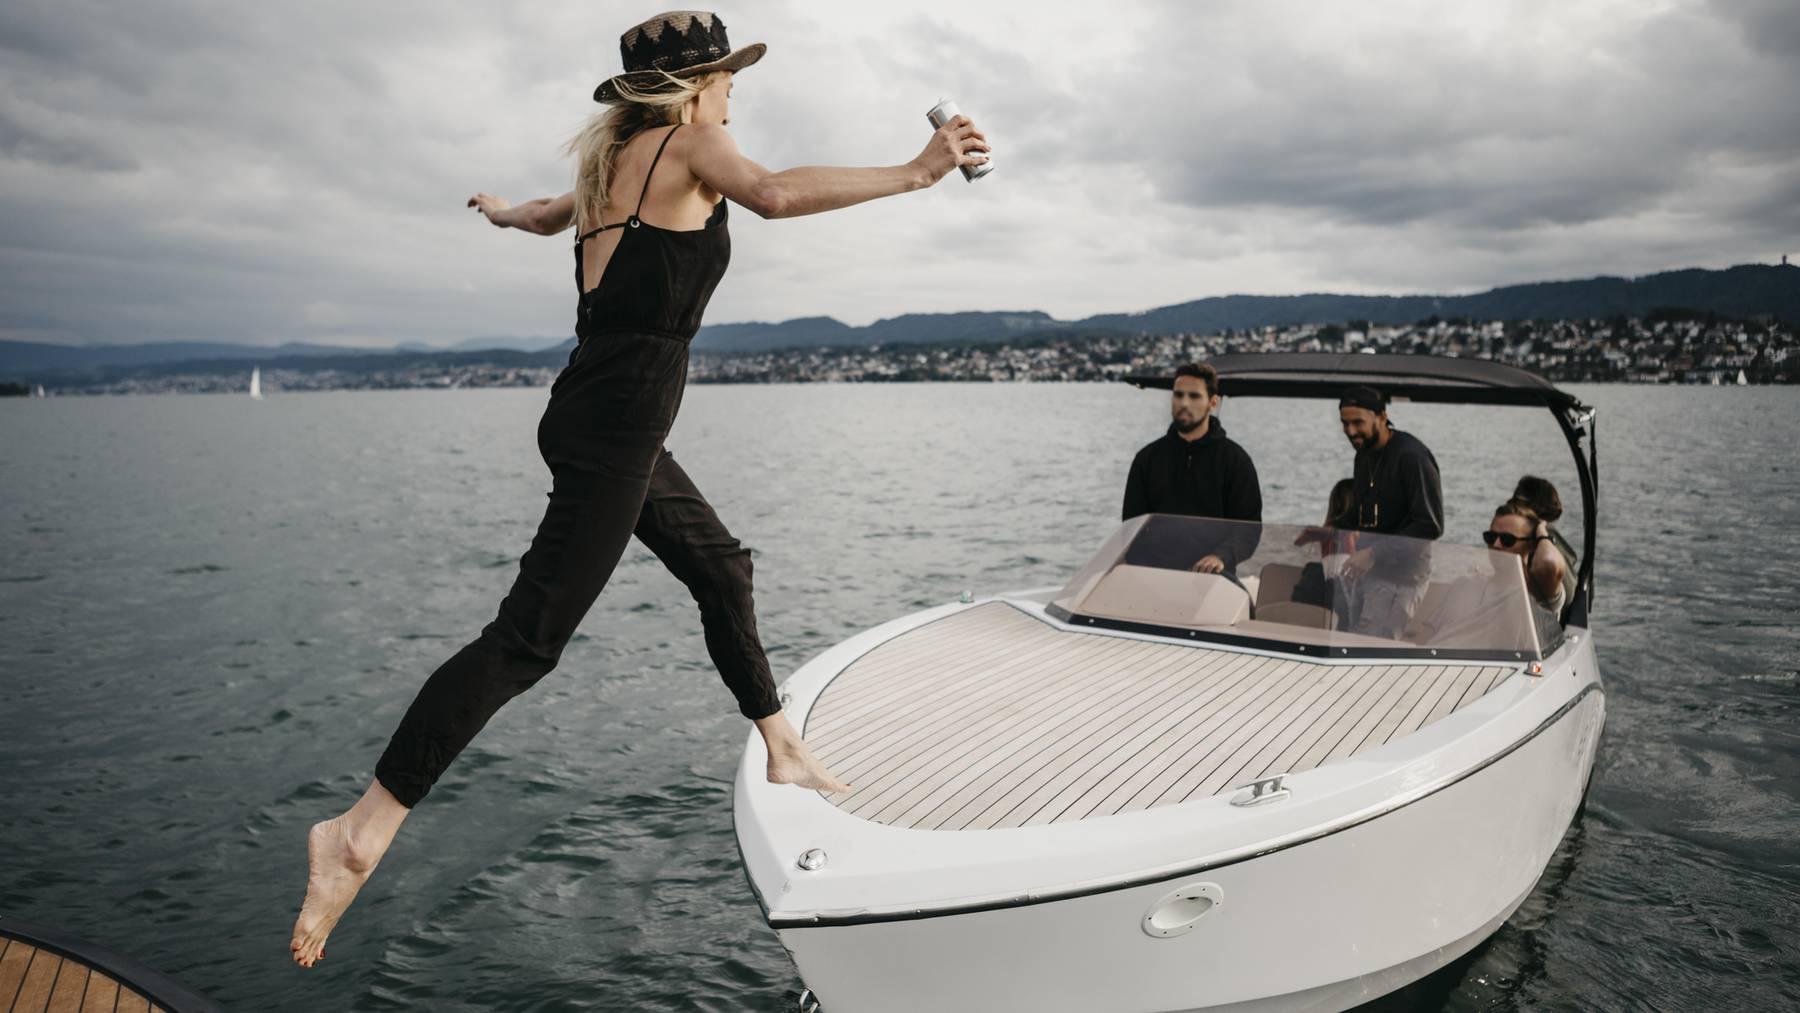 Immer mehr Zentralschweizer wollen Boot fahren und machen darum die Prüfung.